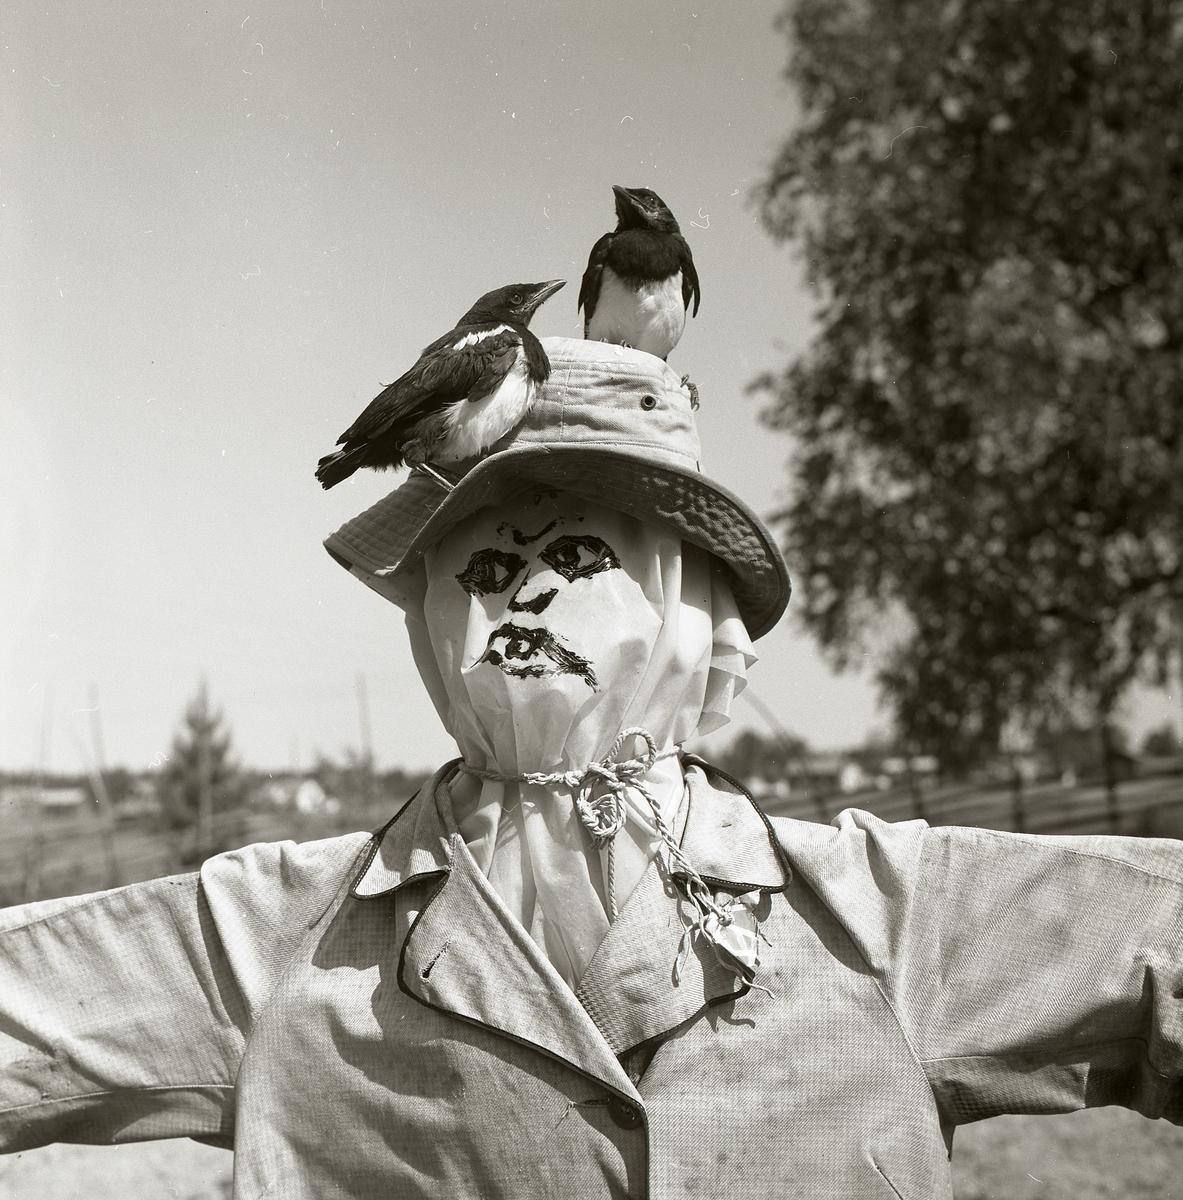 Skatungar på huvudet av en fågelskrämma framför en gärdesgård, sommaren 1969.